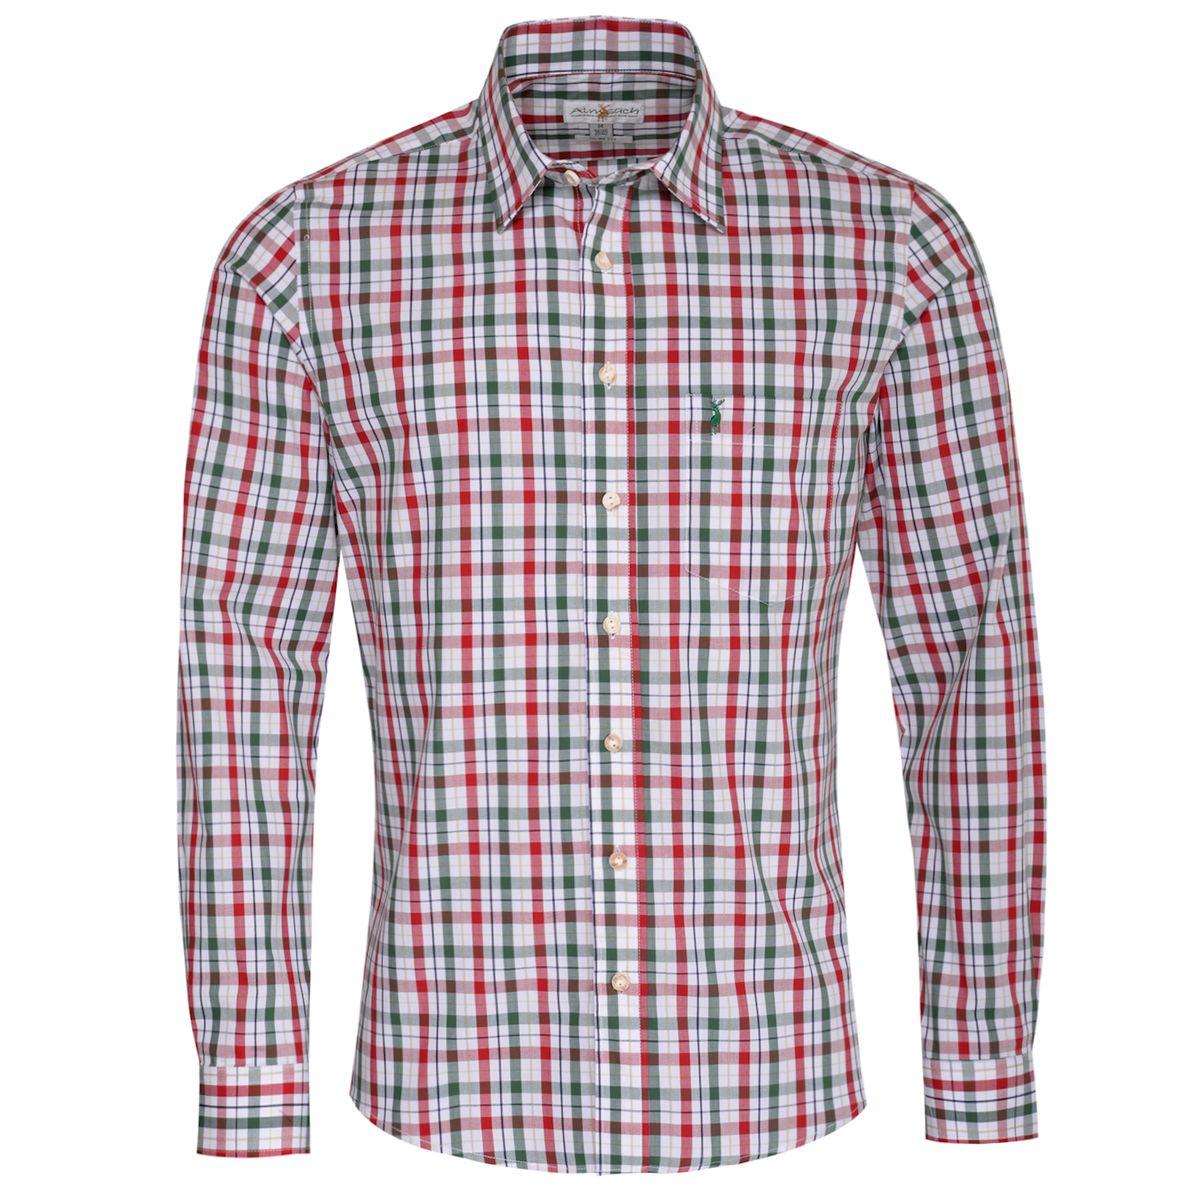 Trachtenhemd Horst Slim Fit zweifarbig in Rot und Dunkelgrün von Almsach